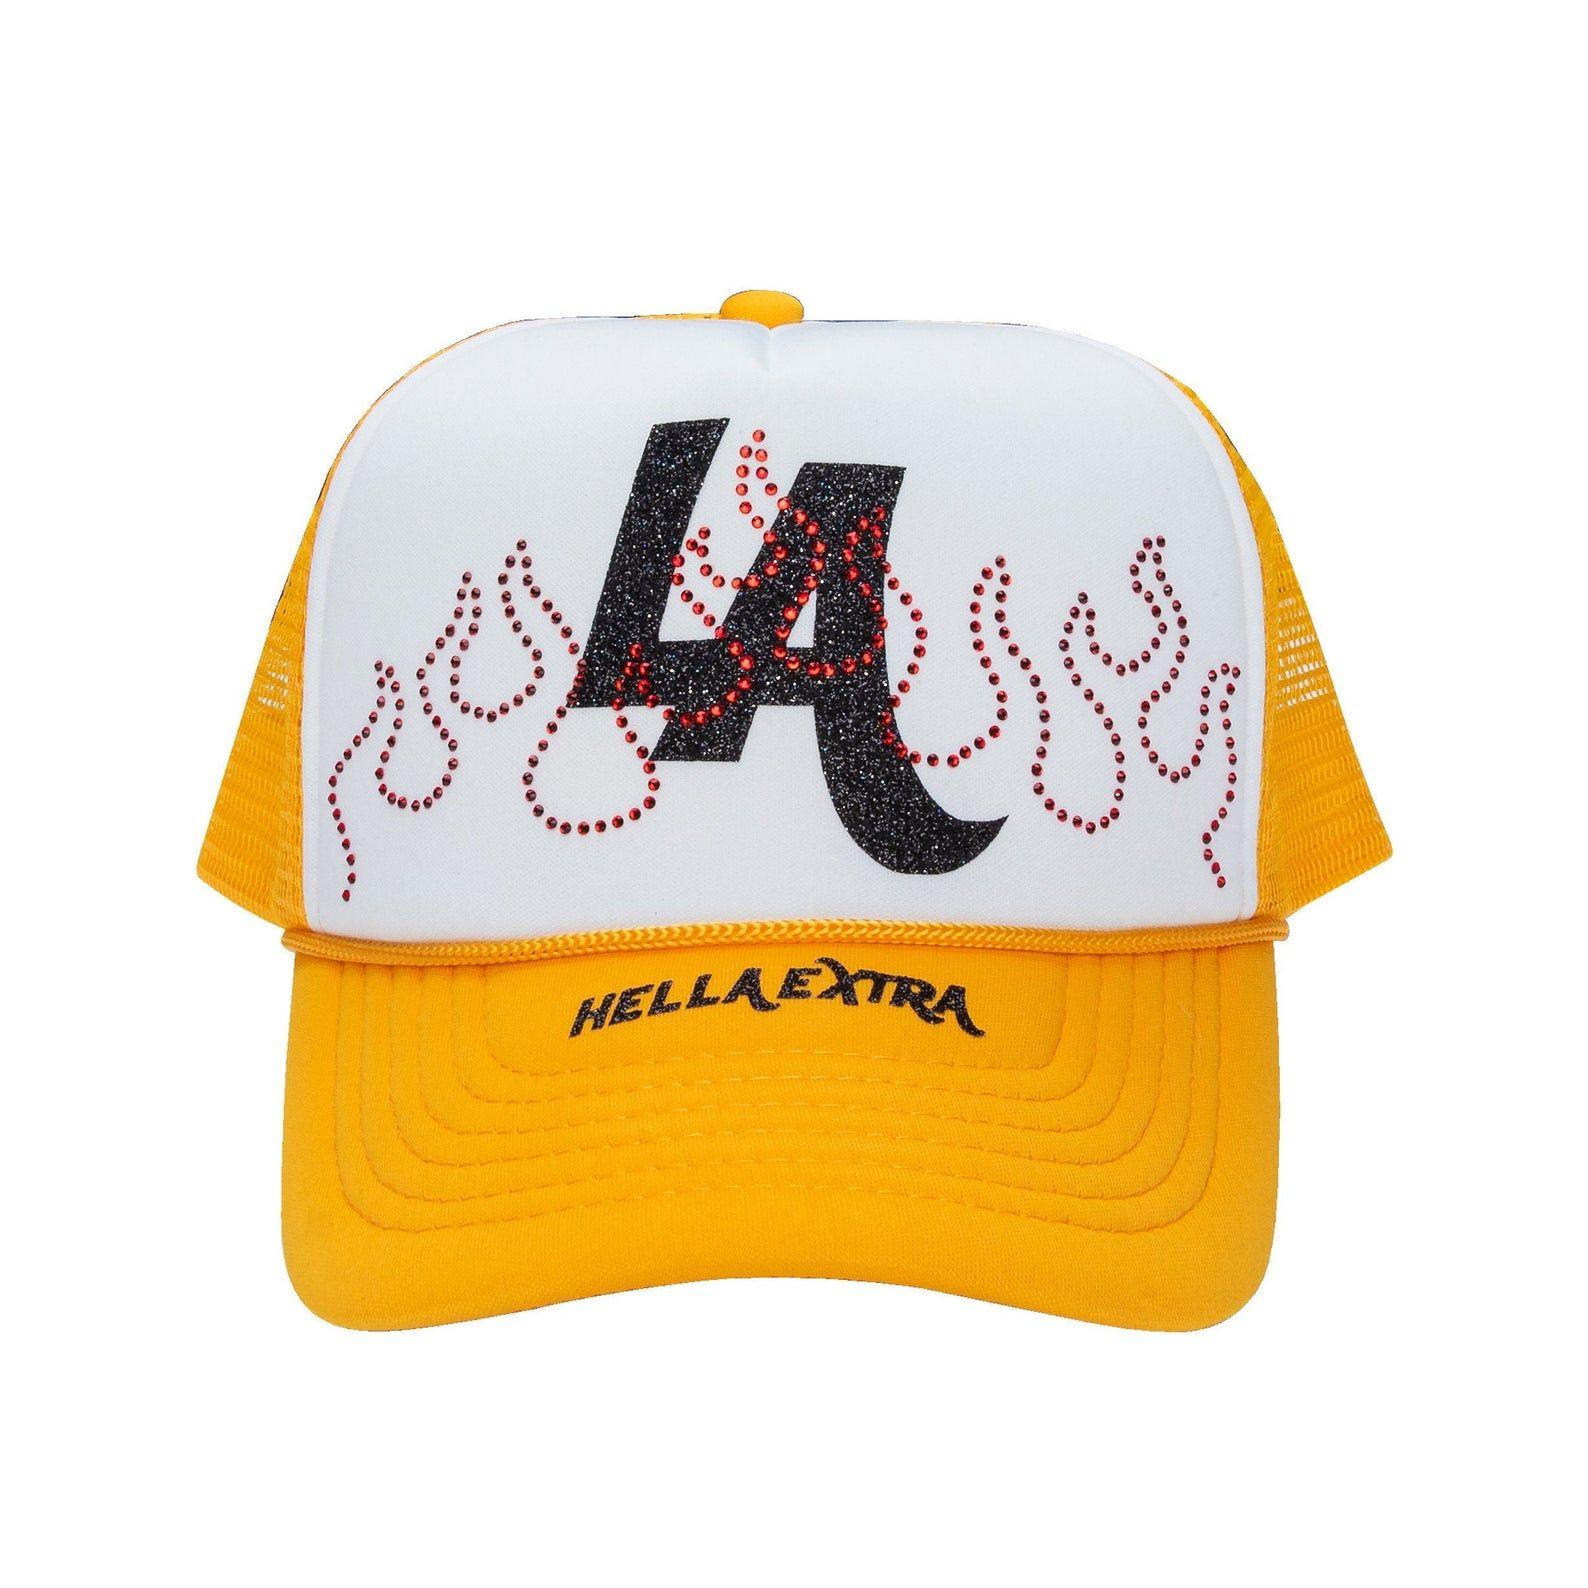 Streetwear La Trucker Hat In 2021 Trucker Hat Mesh Trucker Hat Trucker